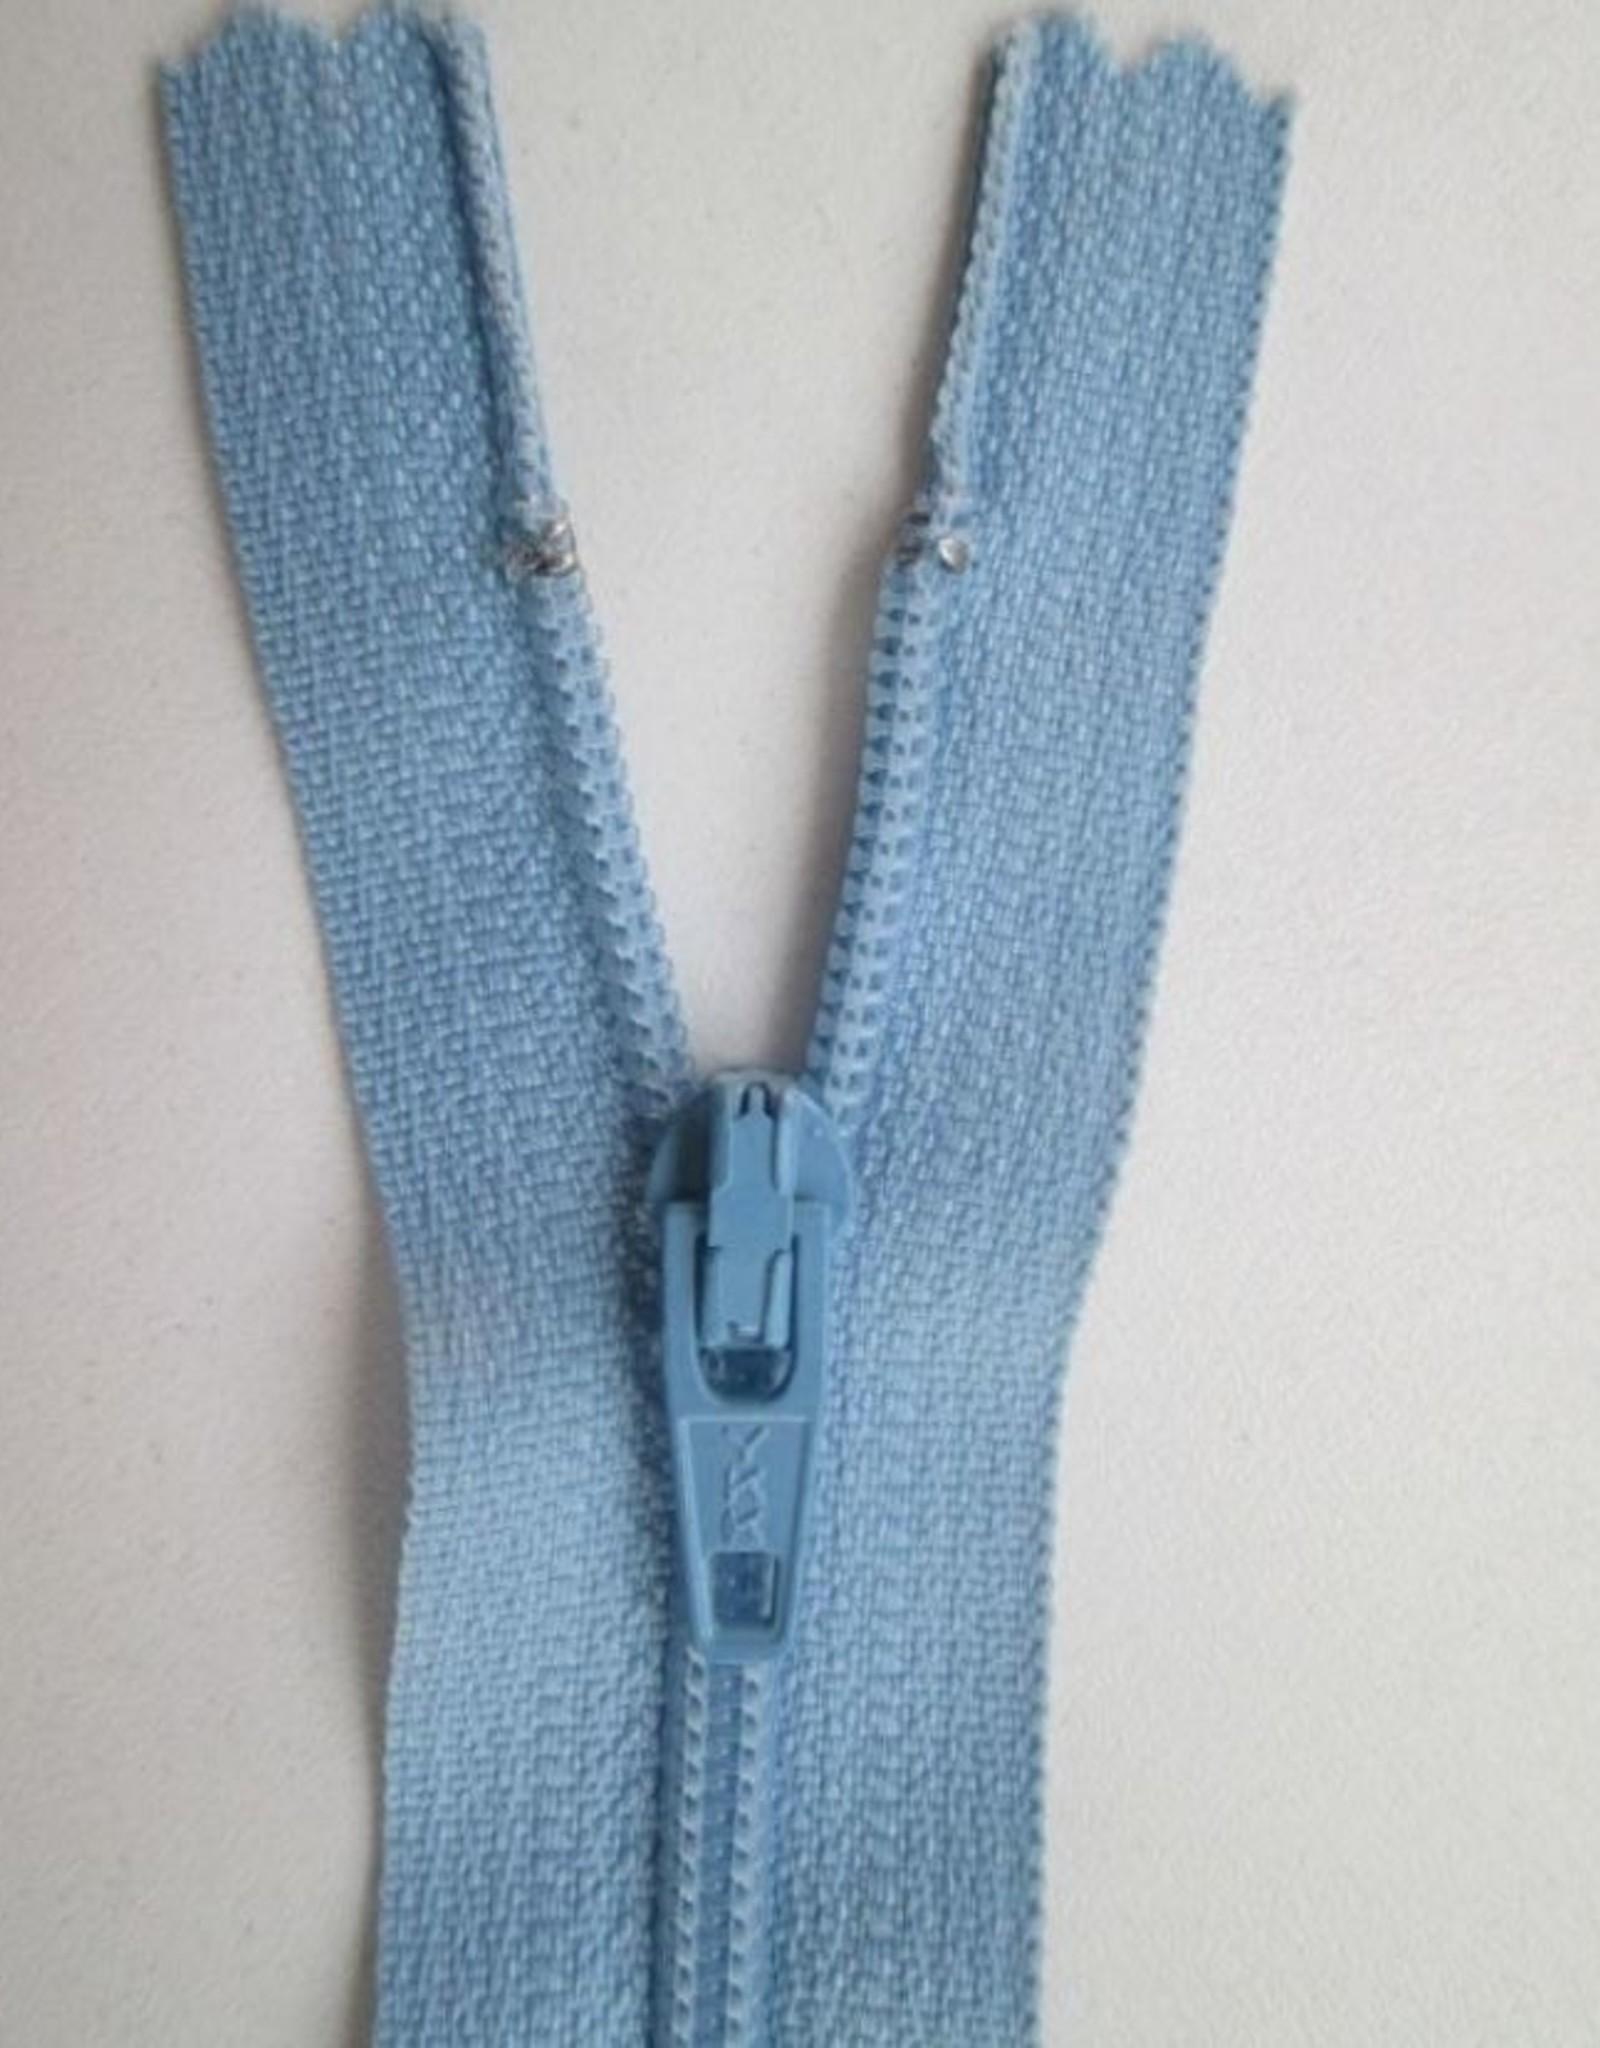 YKK Spiraalrits 5K deelbaar midden blauw 546-45cm